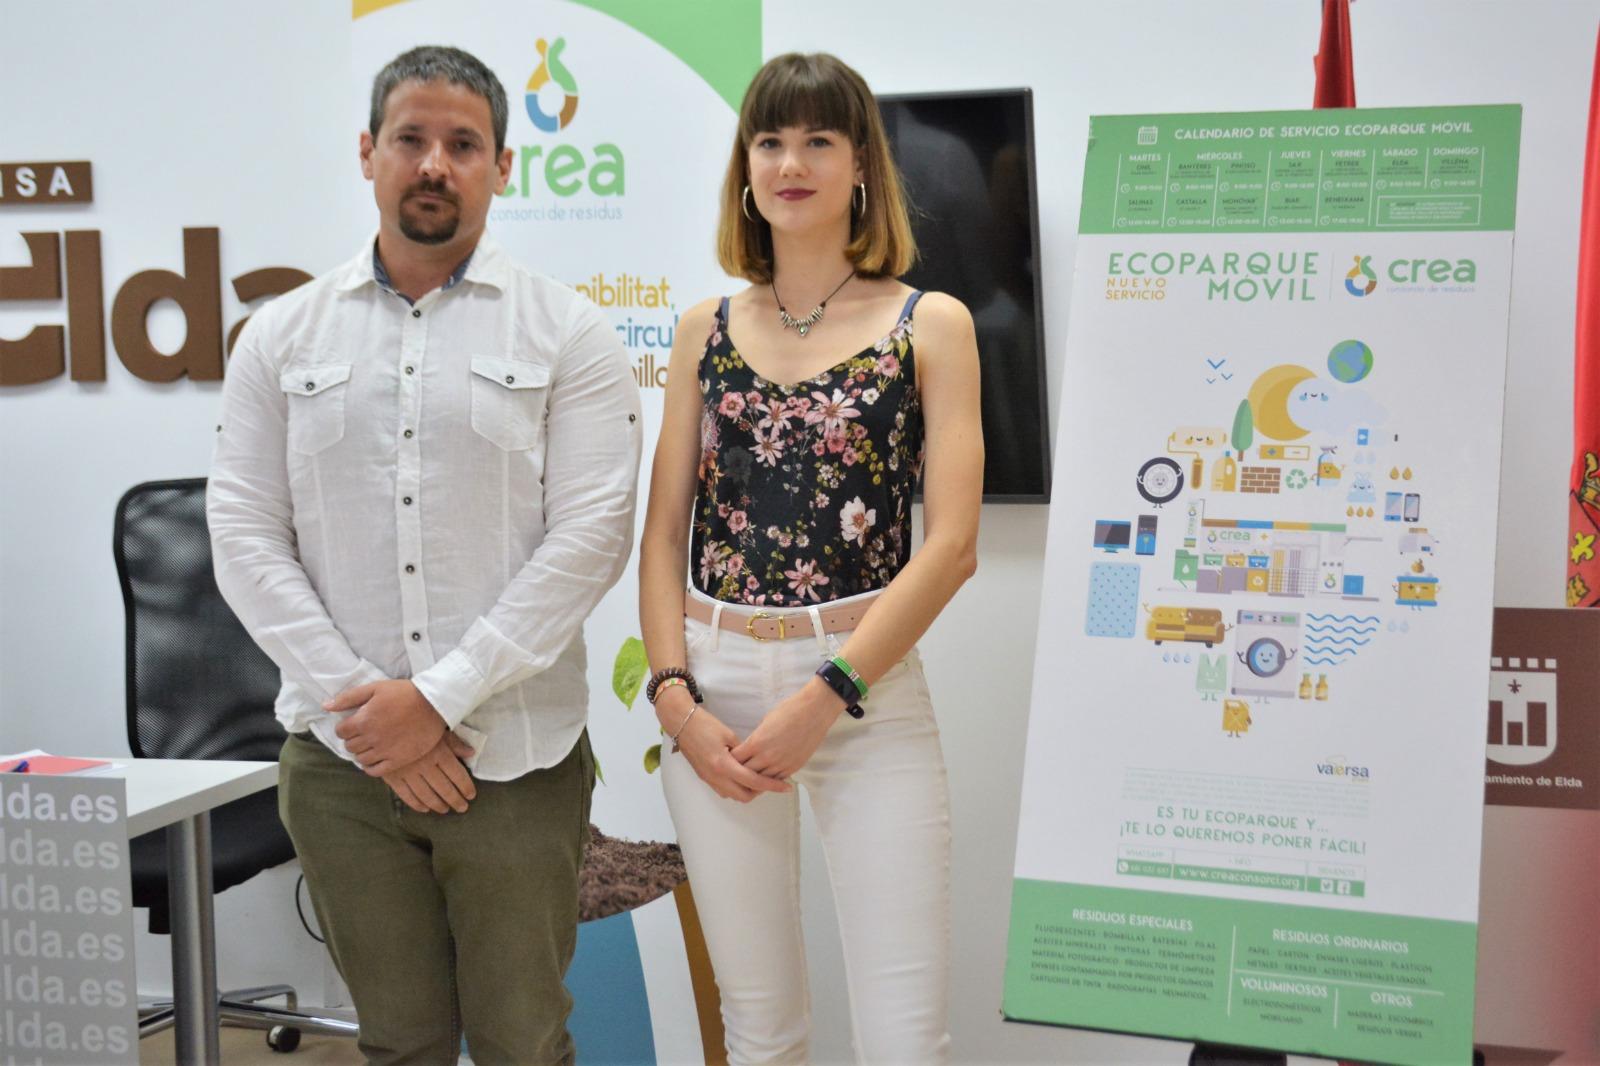 El próximo sábado el servicio de Ecoparque Móvil ofrecerá una actividad con un Educador ambiental